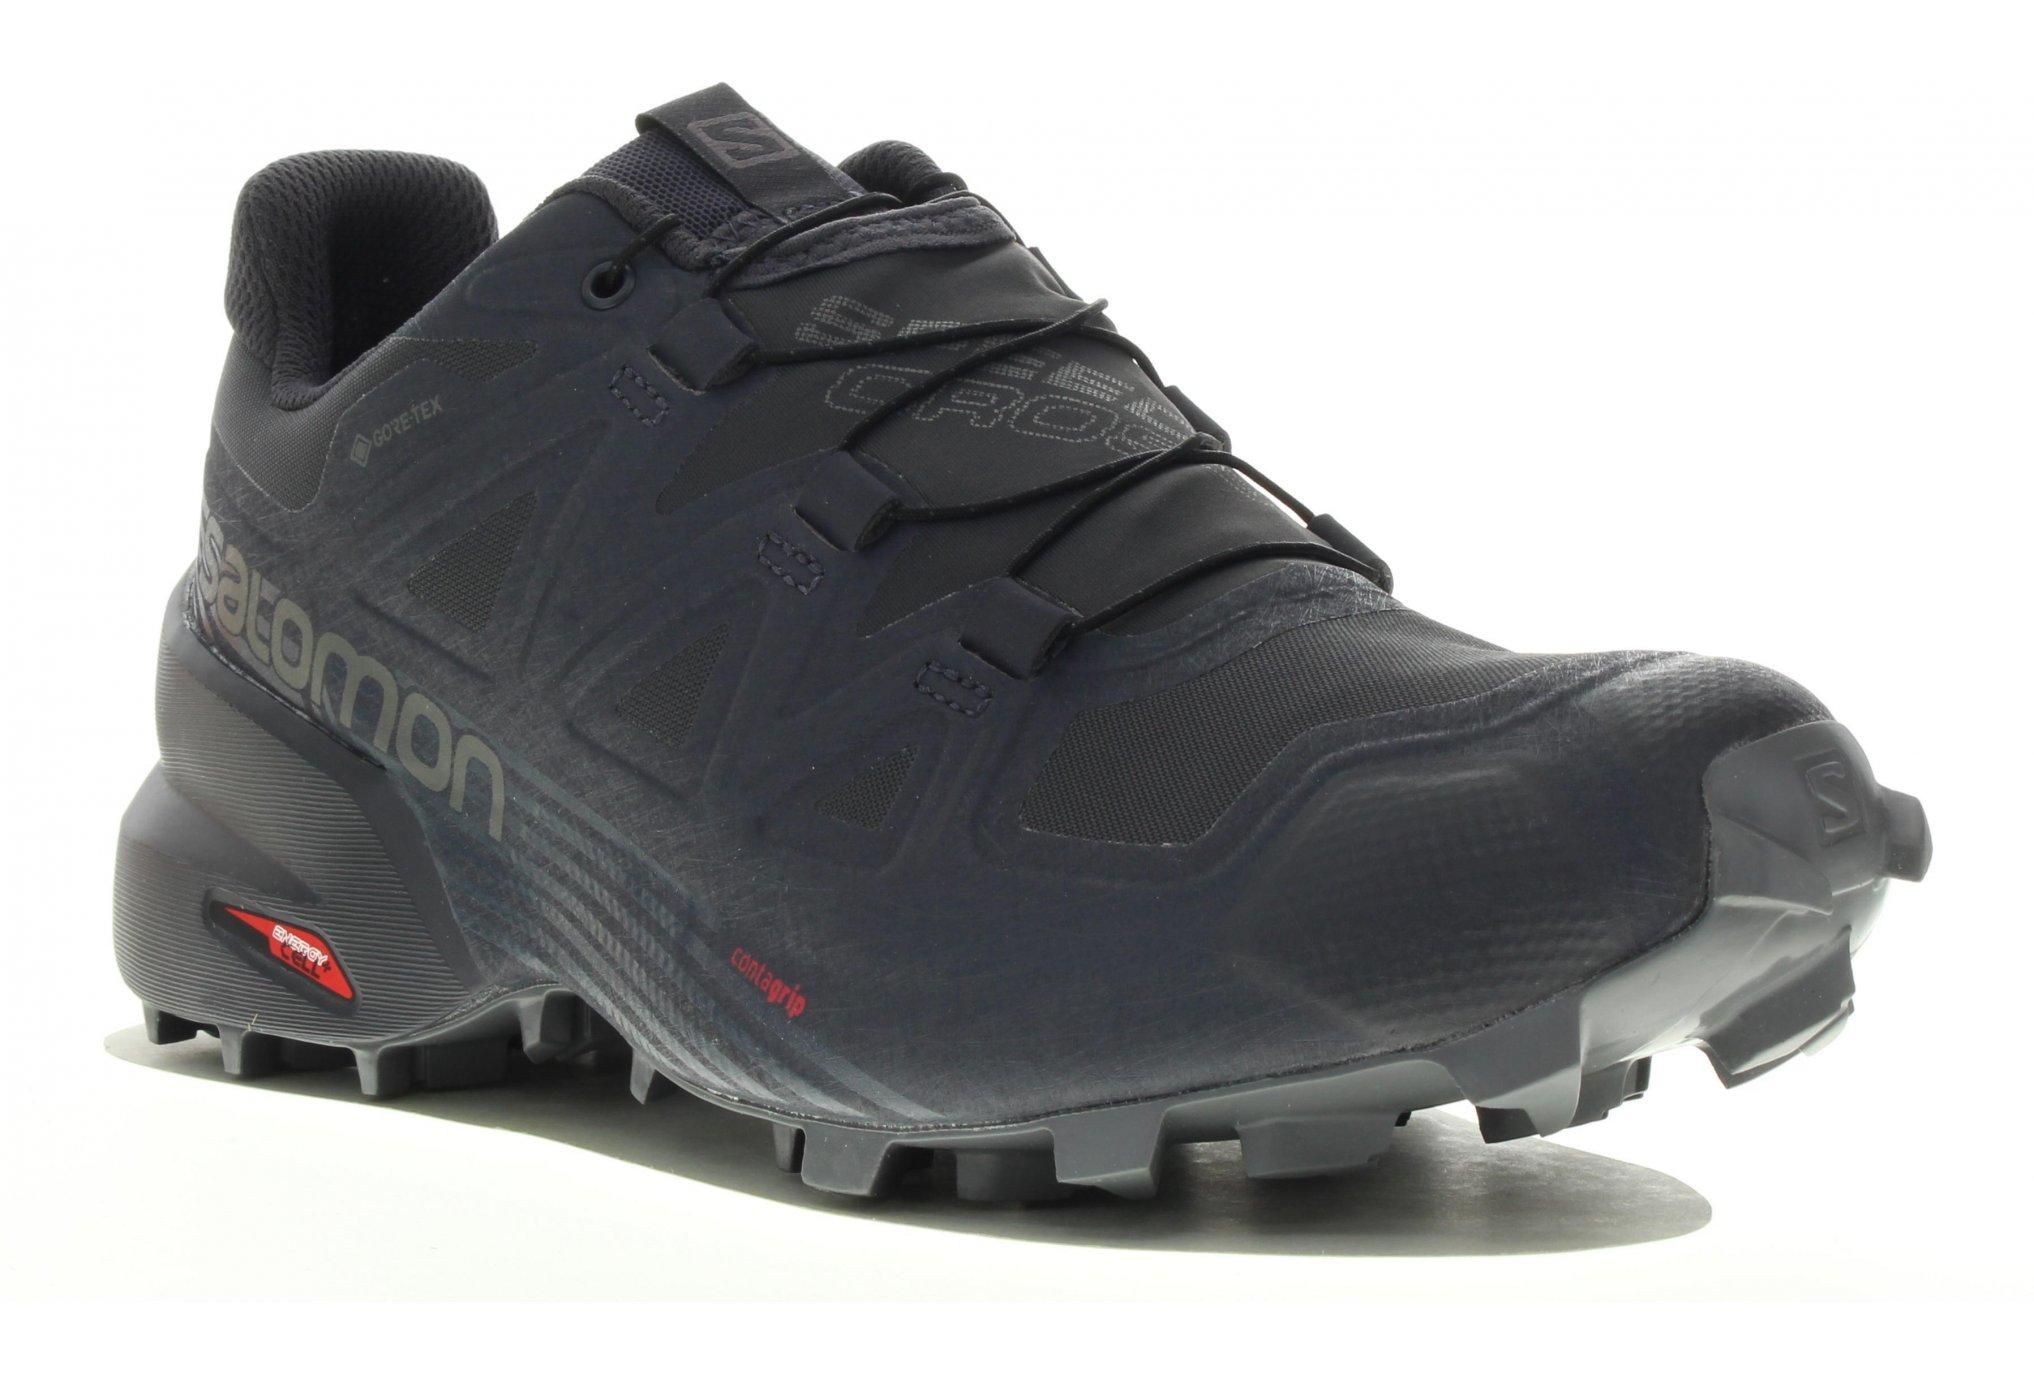 Salomon Speedcross 5 Gore-Tex Nocturne Chaussures running femme